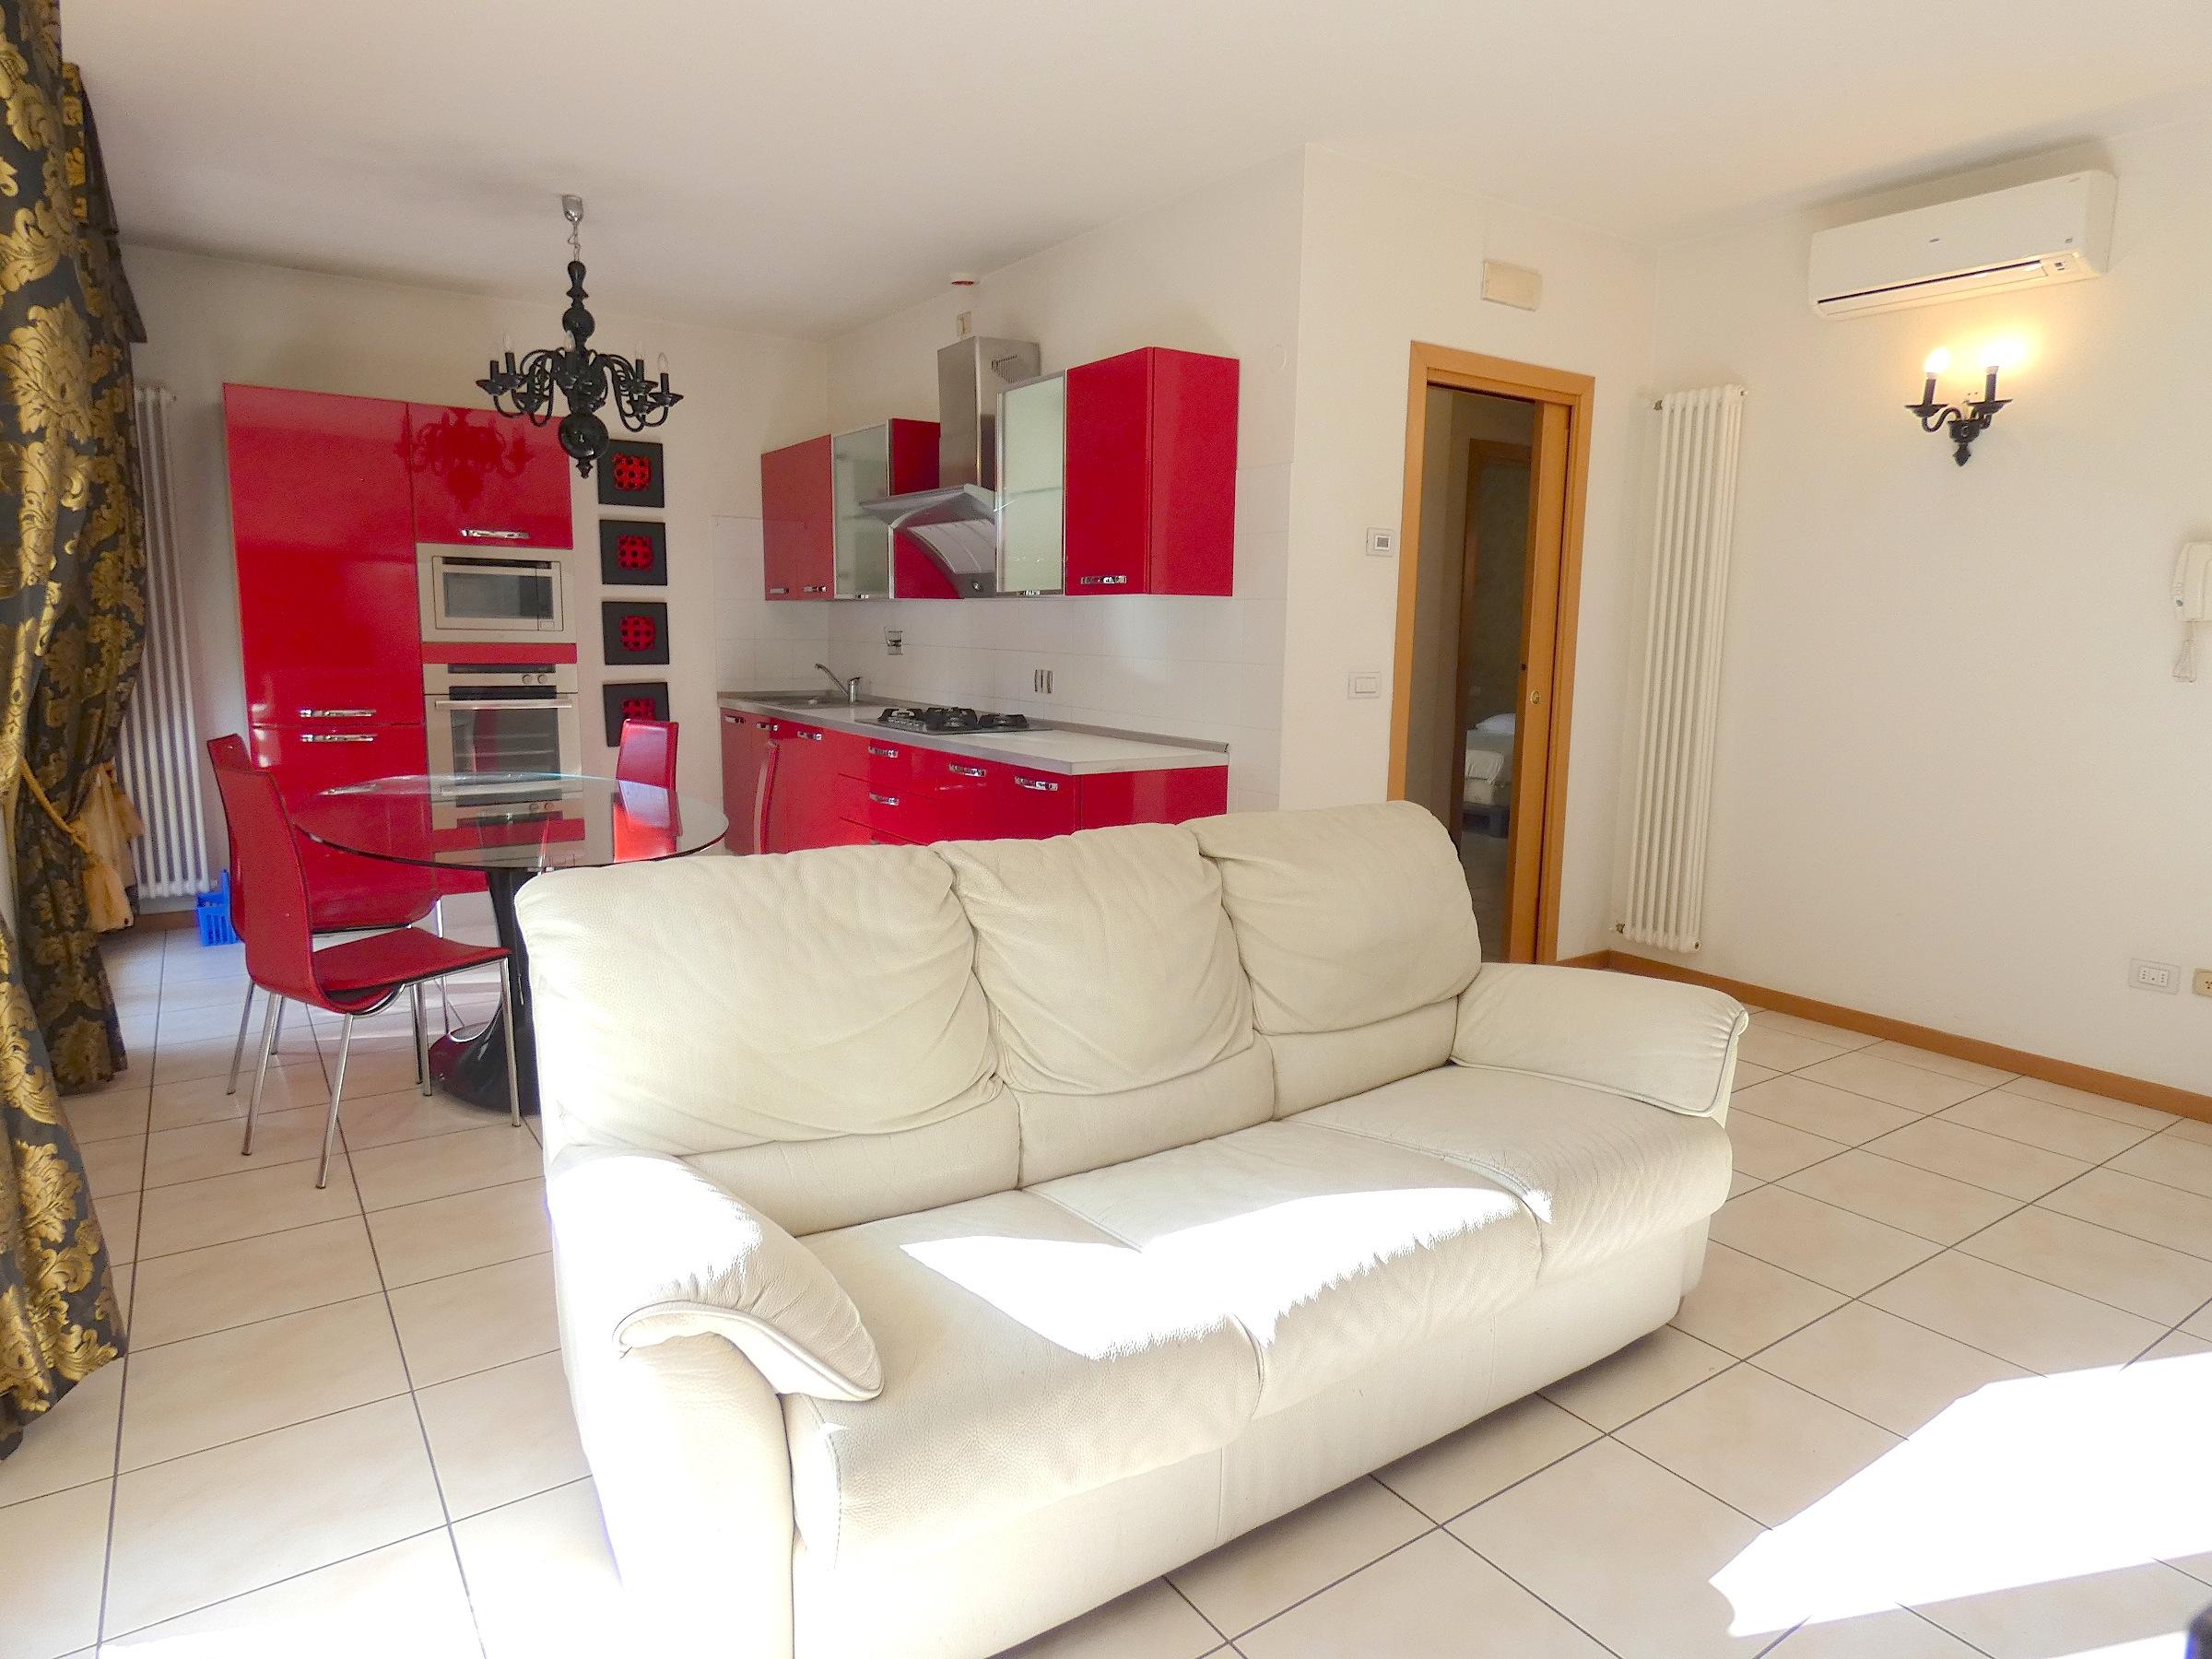 RICCIONE CENTRO, Appartamento in affitto stagionale con giardino